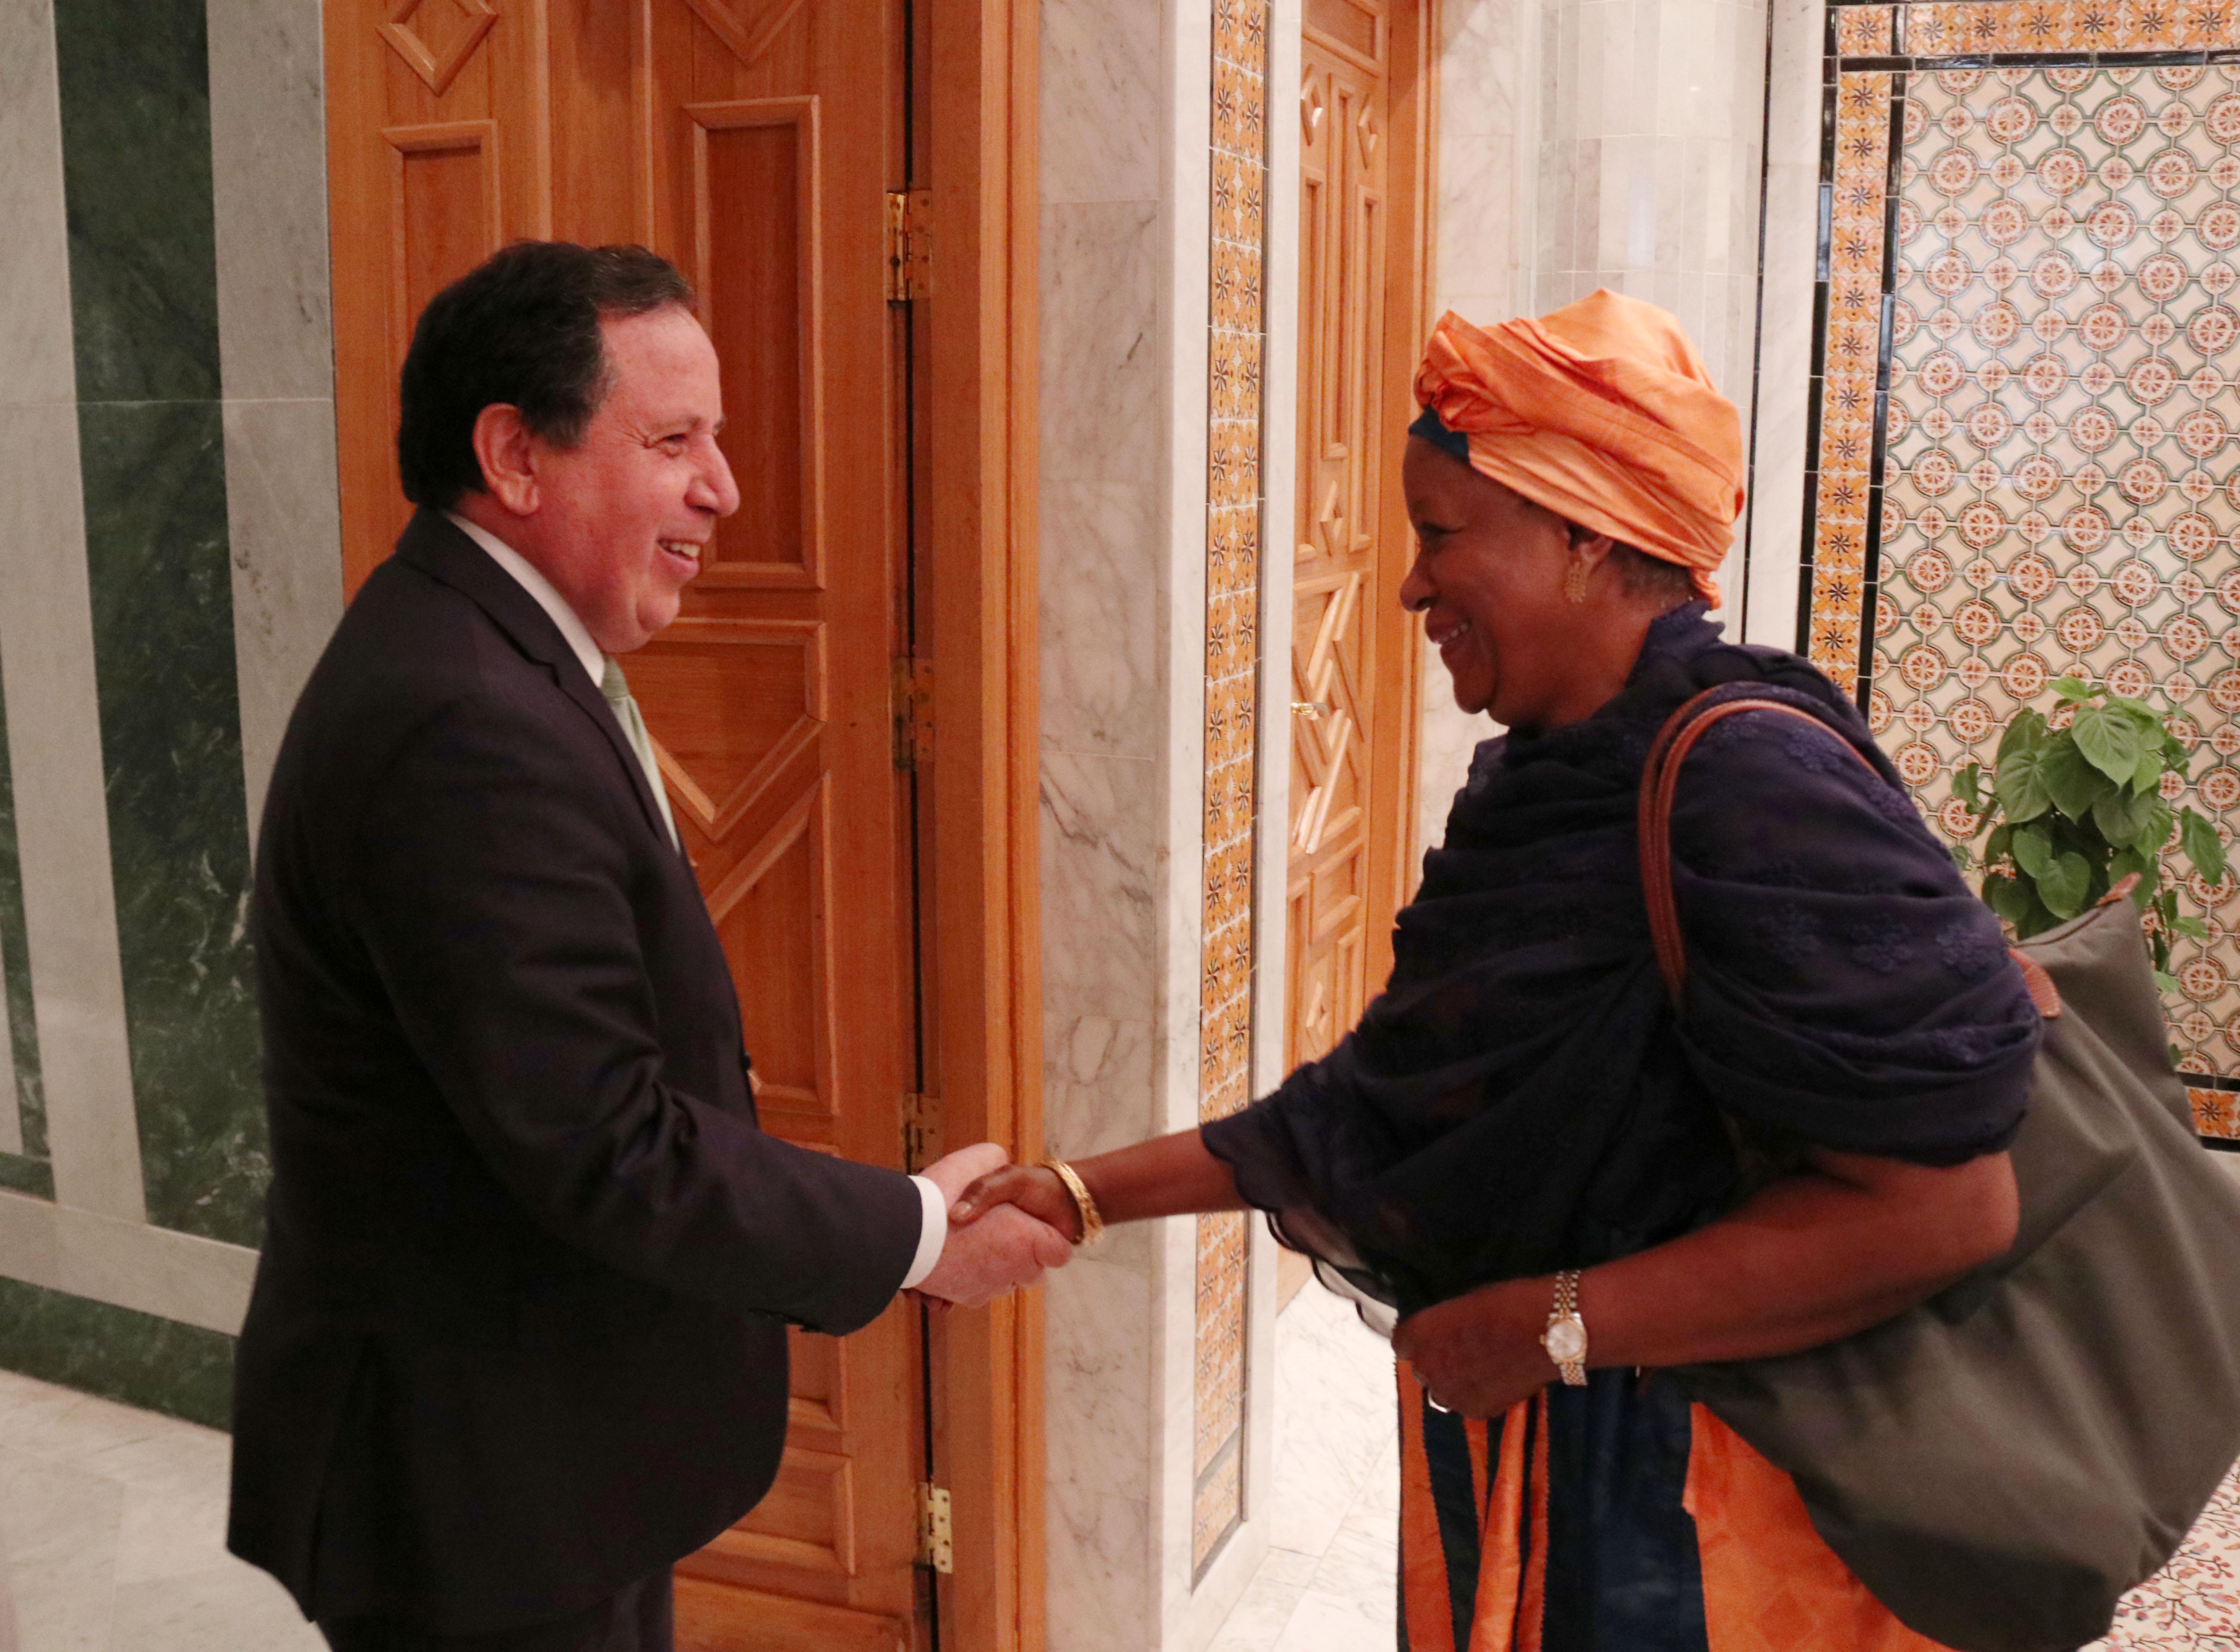 وزير الشؤون الخارجية يلتقي رئيسة الحركة العالمية من أجل الديمقراطية: